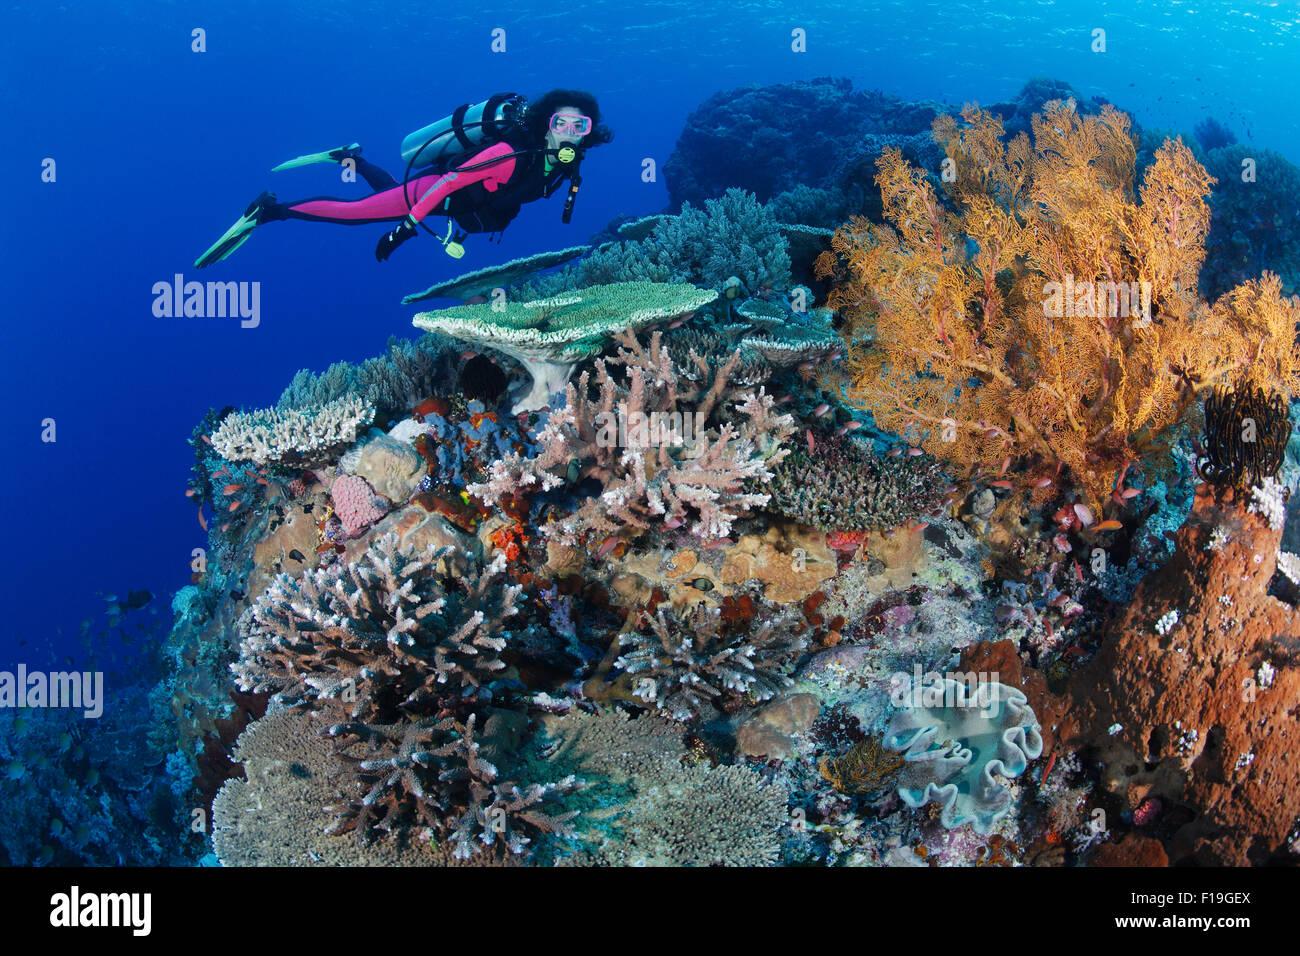 Px0307-D. scuba diver (modello rilasciato) nuota su una sana barriera corallina, con una varietà di coralli Immagini Stock